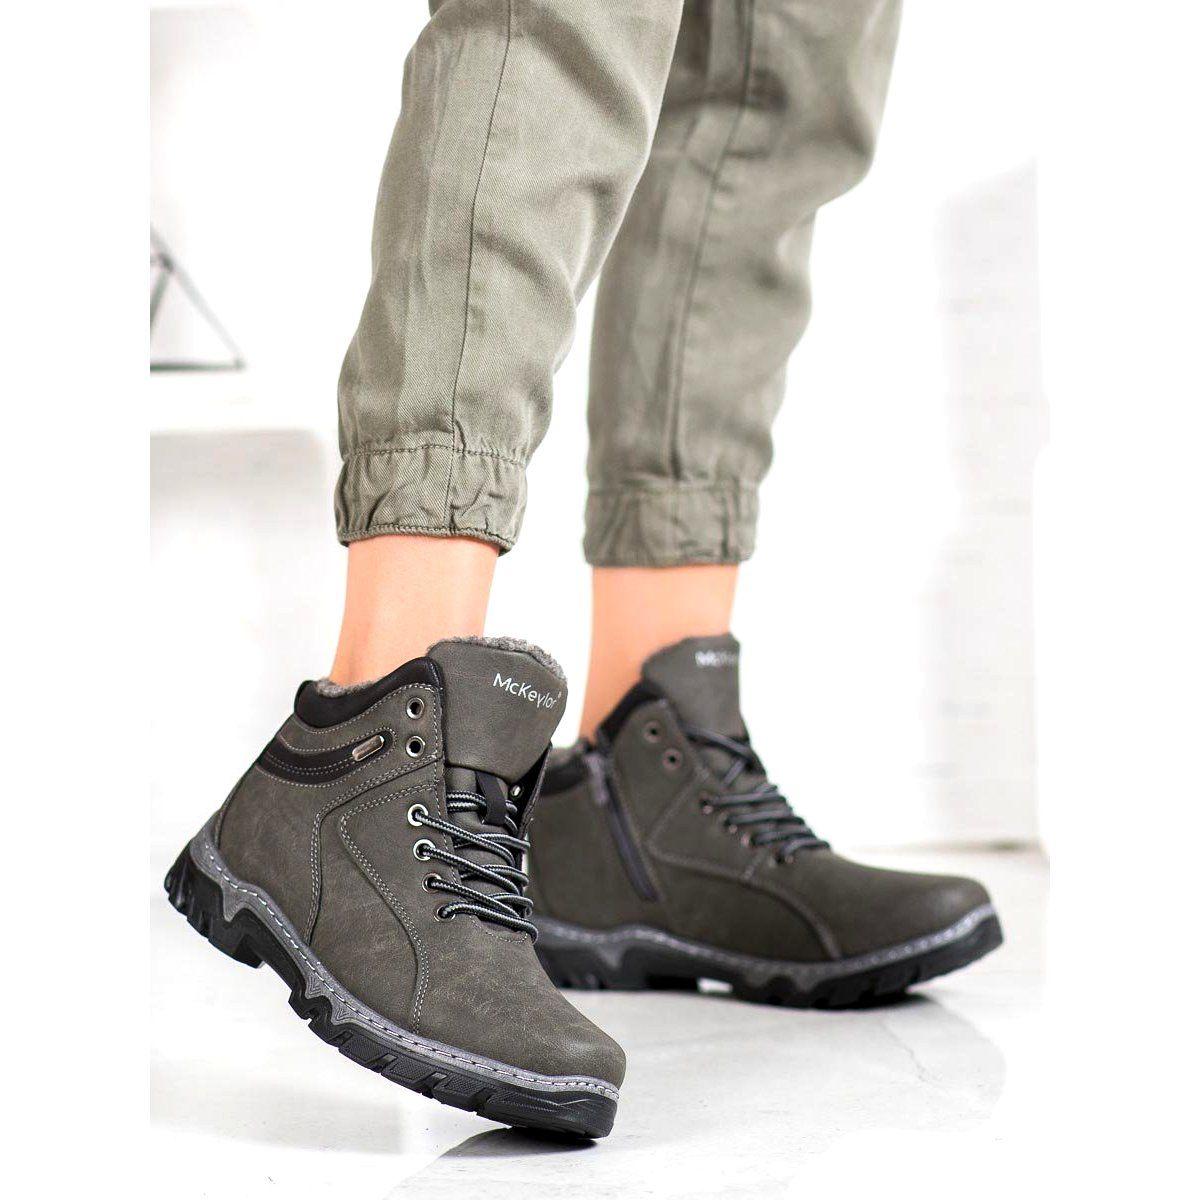 Trekkingowe Damskie Mckeylor Ocieplane Buty Mckeylor Szare All Black Sneakers Sneakers Shoes